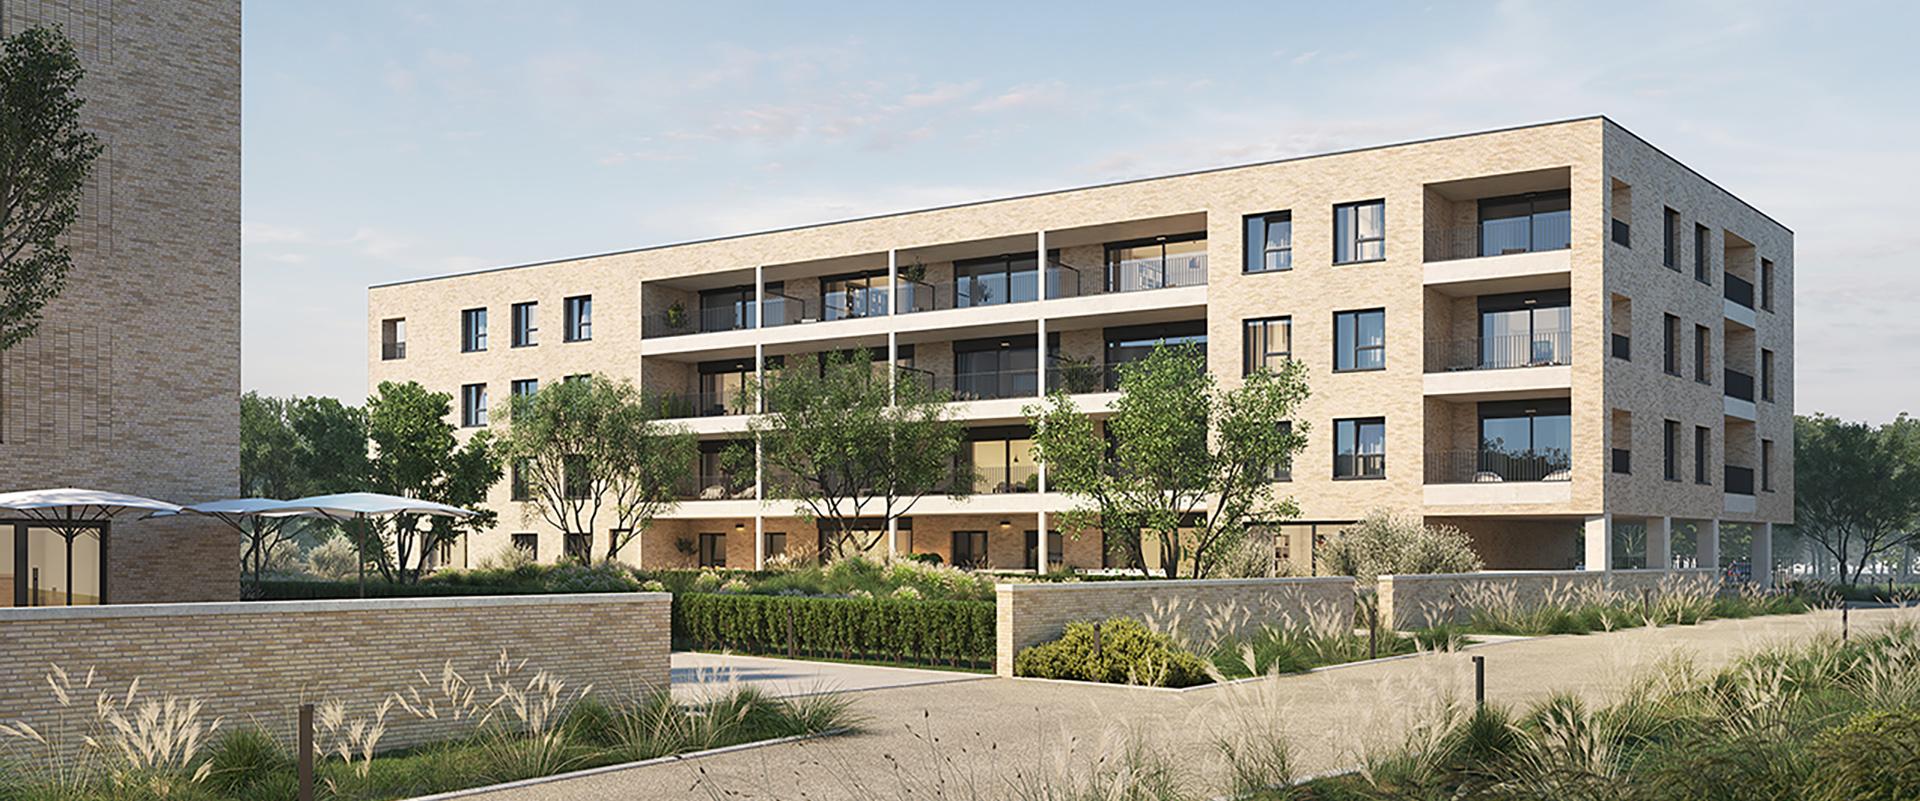 Residentie Philyra in de nieuwe woonwijk Borgerwijk